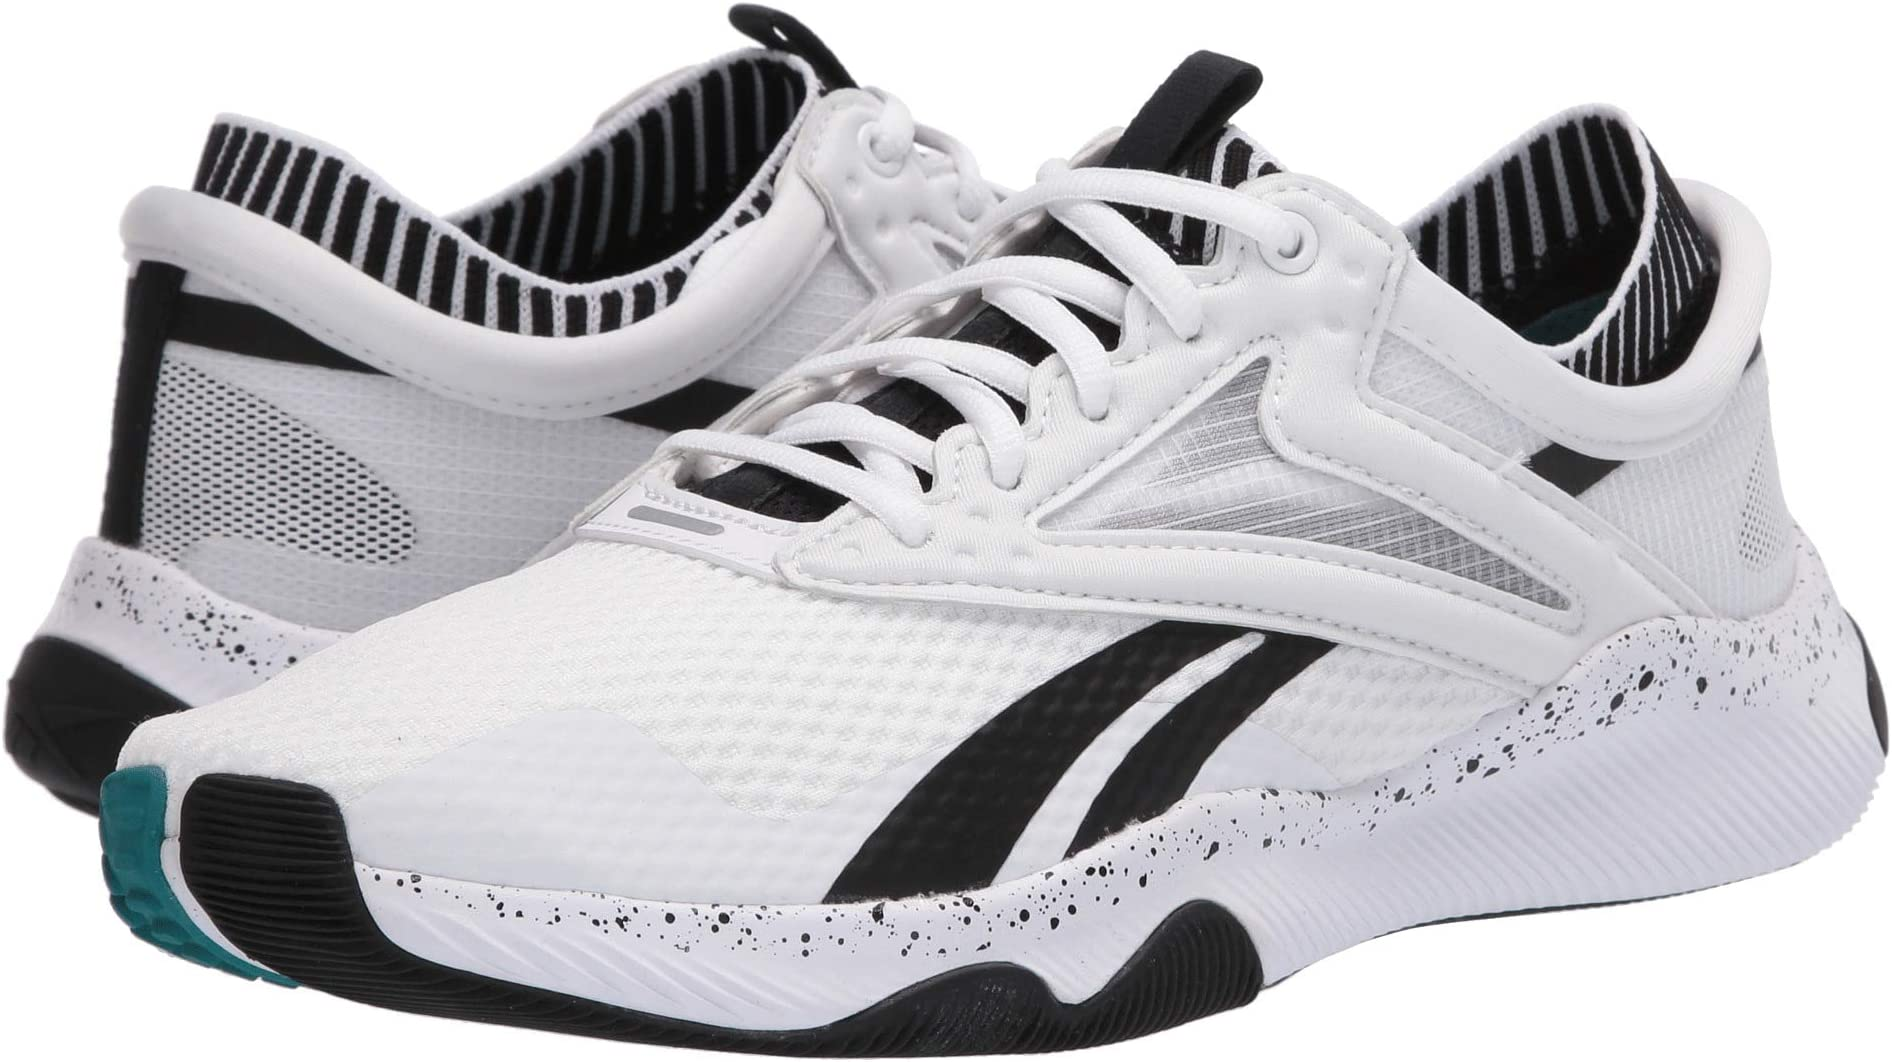 atesorar como una mercancía rara venta outlet nuevo estilo de vida Reebok Shoes for Running, Training, and More | Zappos.com